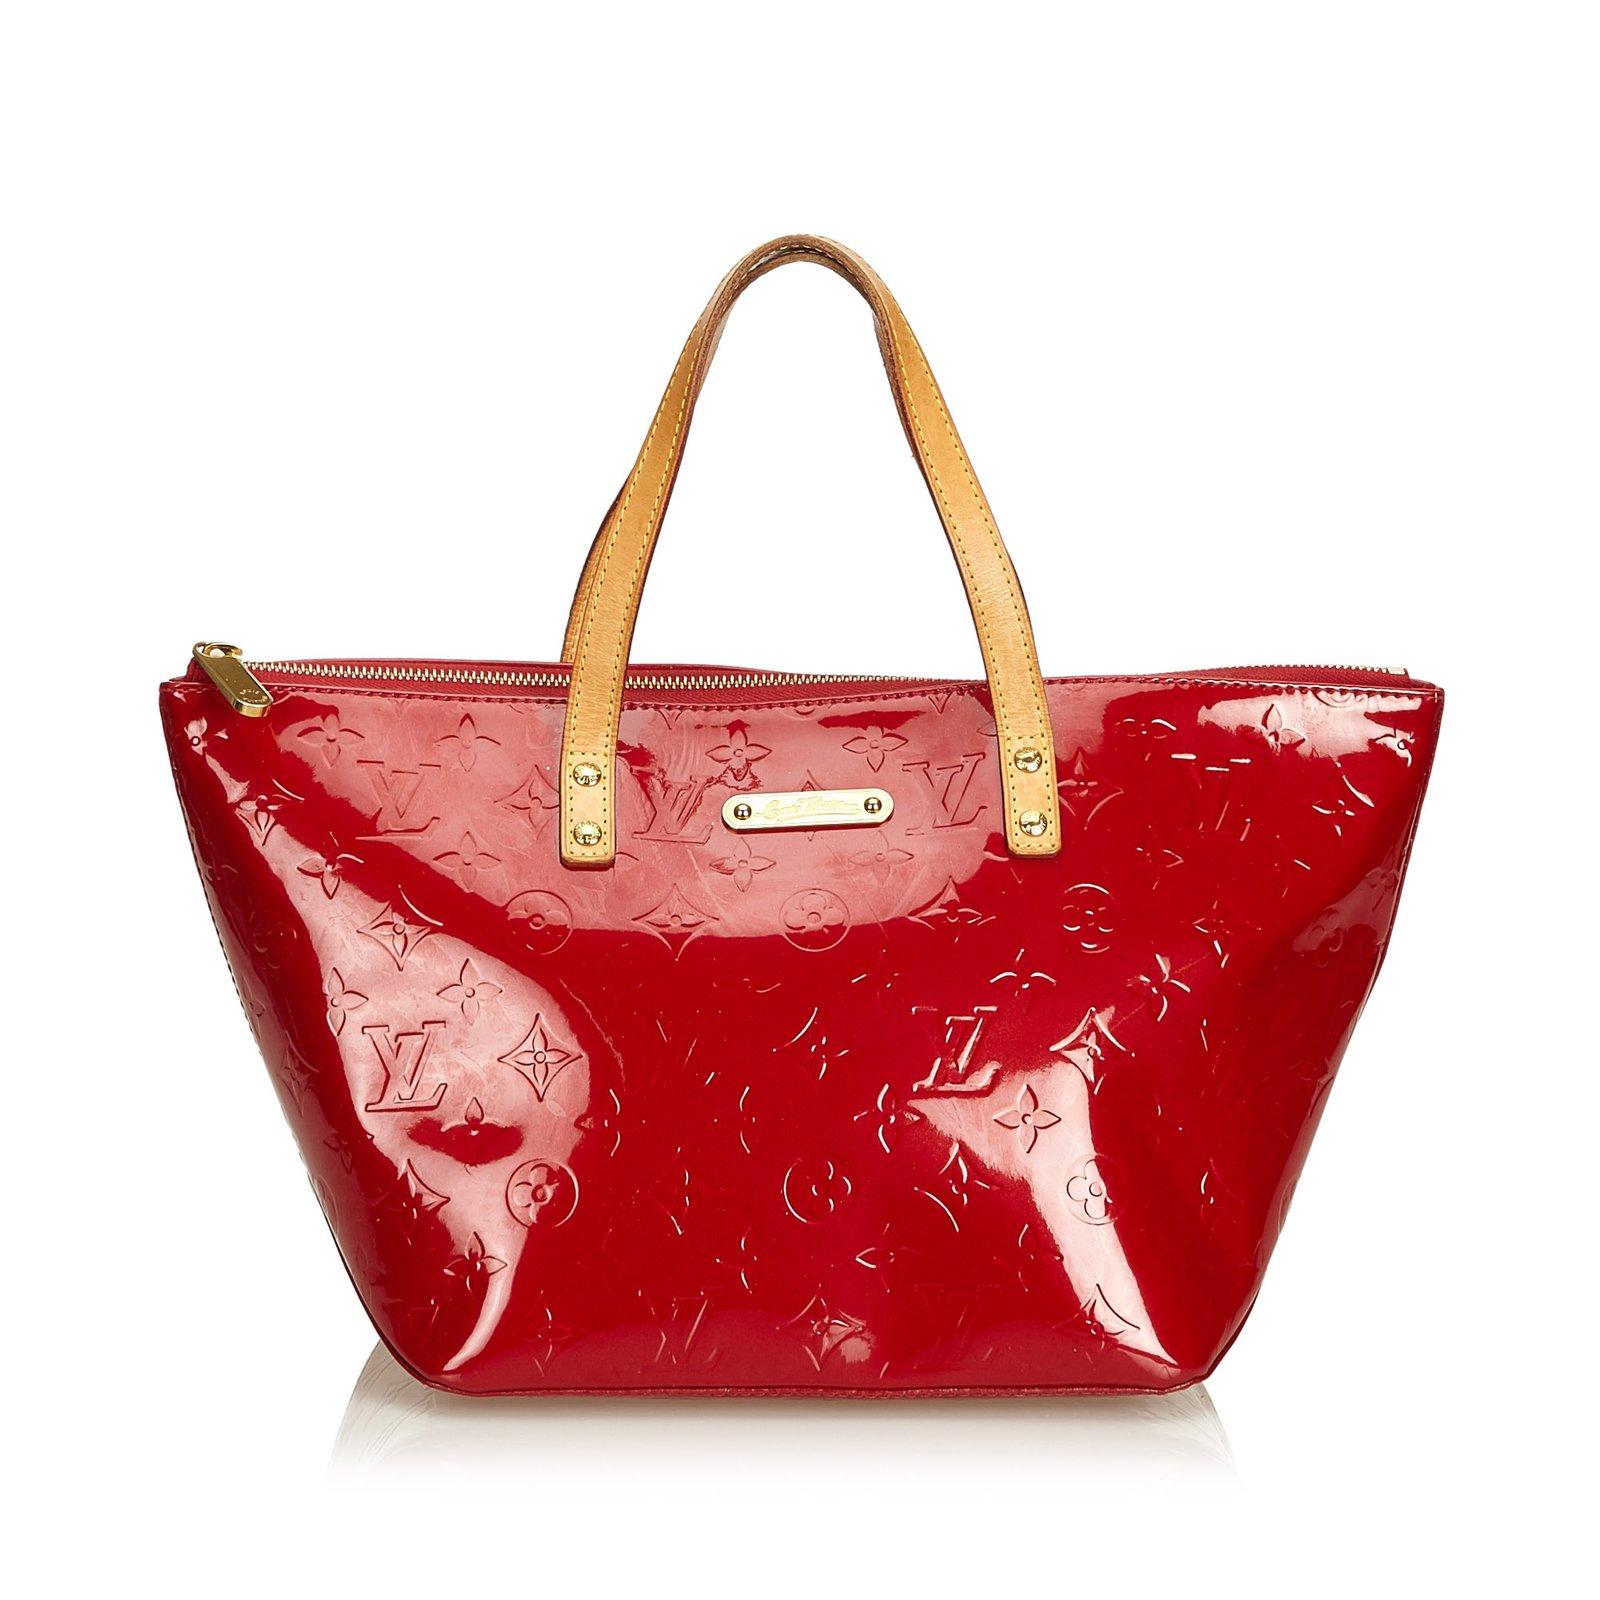 d777b5d96e Sacs à main Louis Vuitton Vernis Bellevue PM Cuir,Cuir vernis Rouge  ref.99402